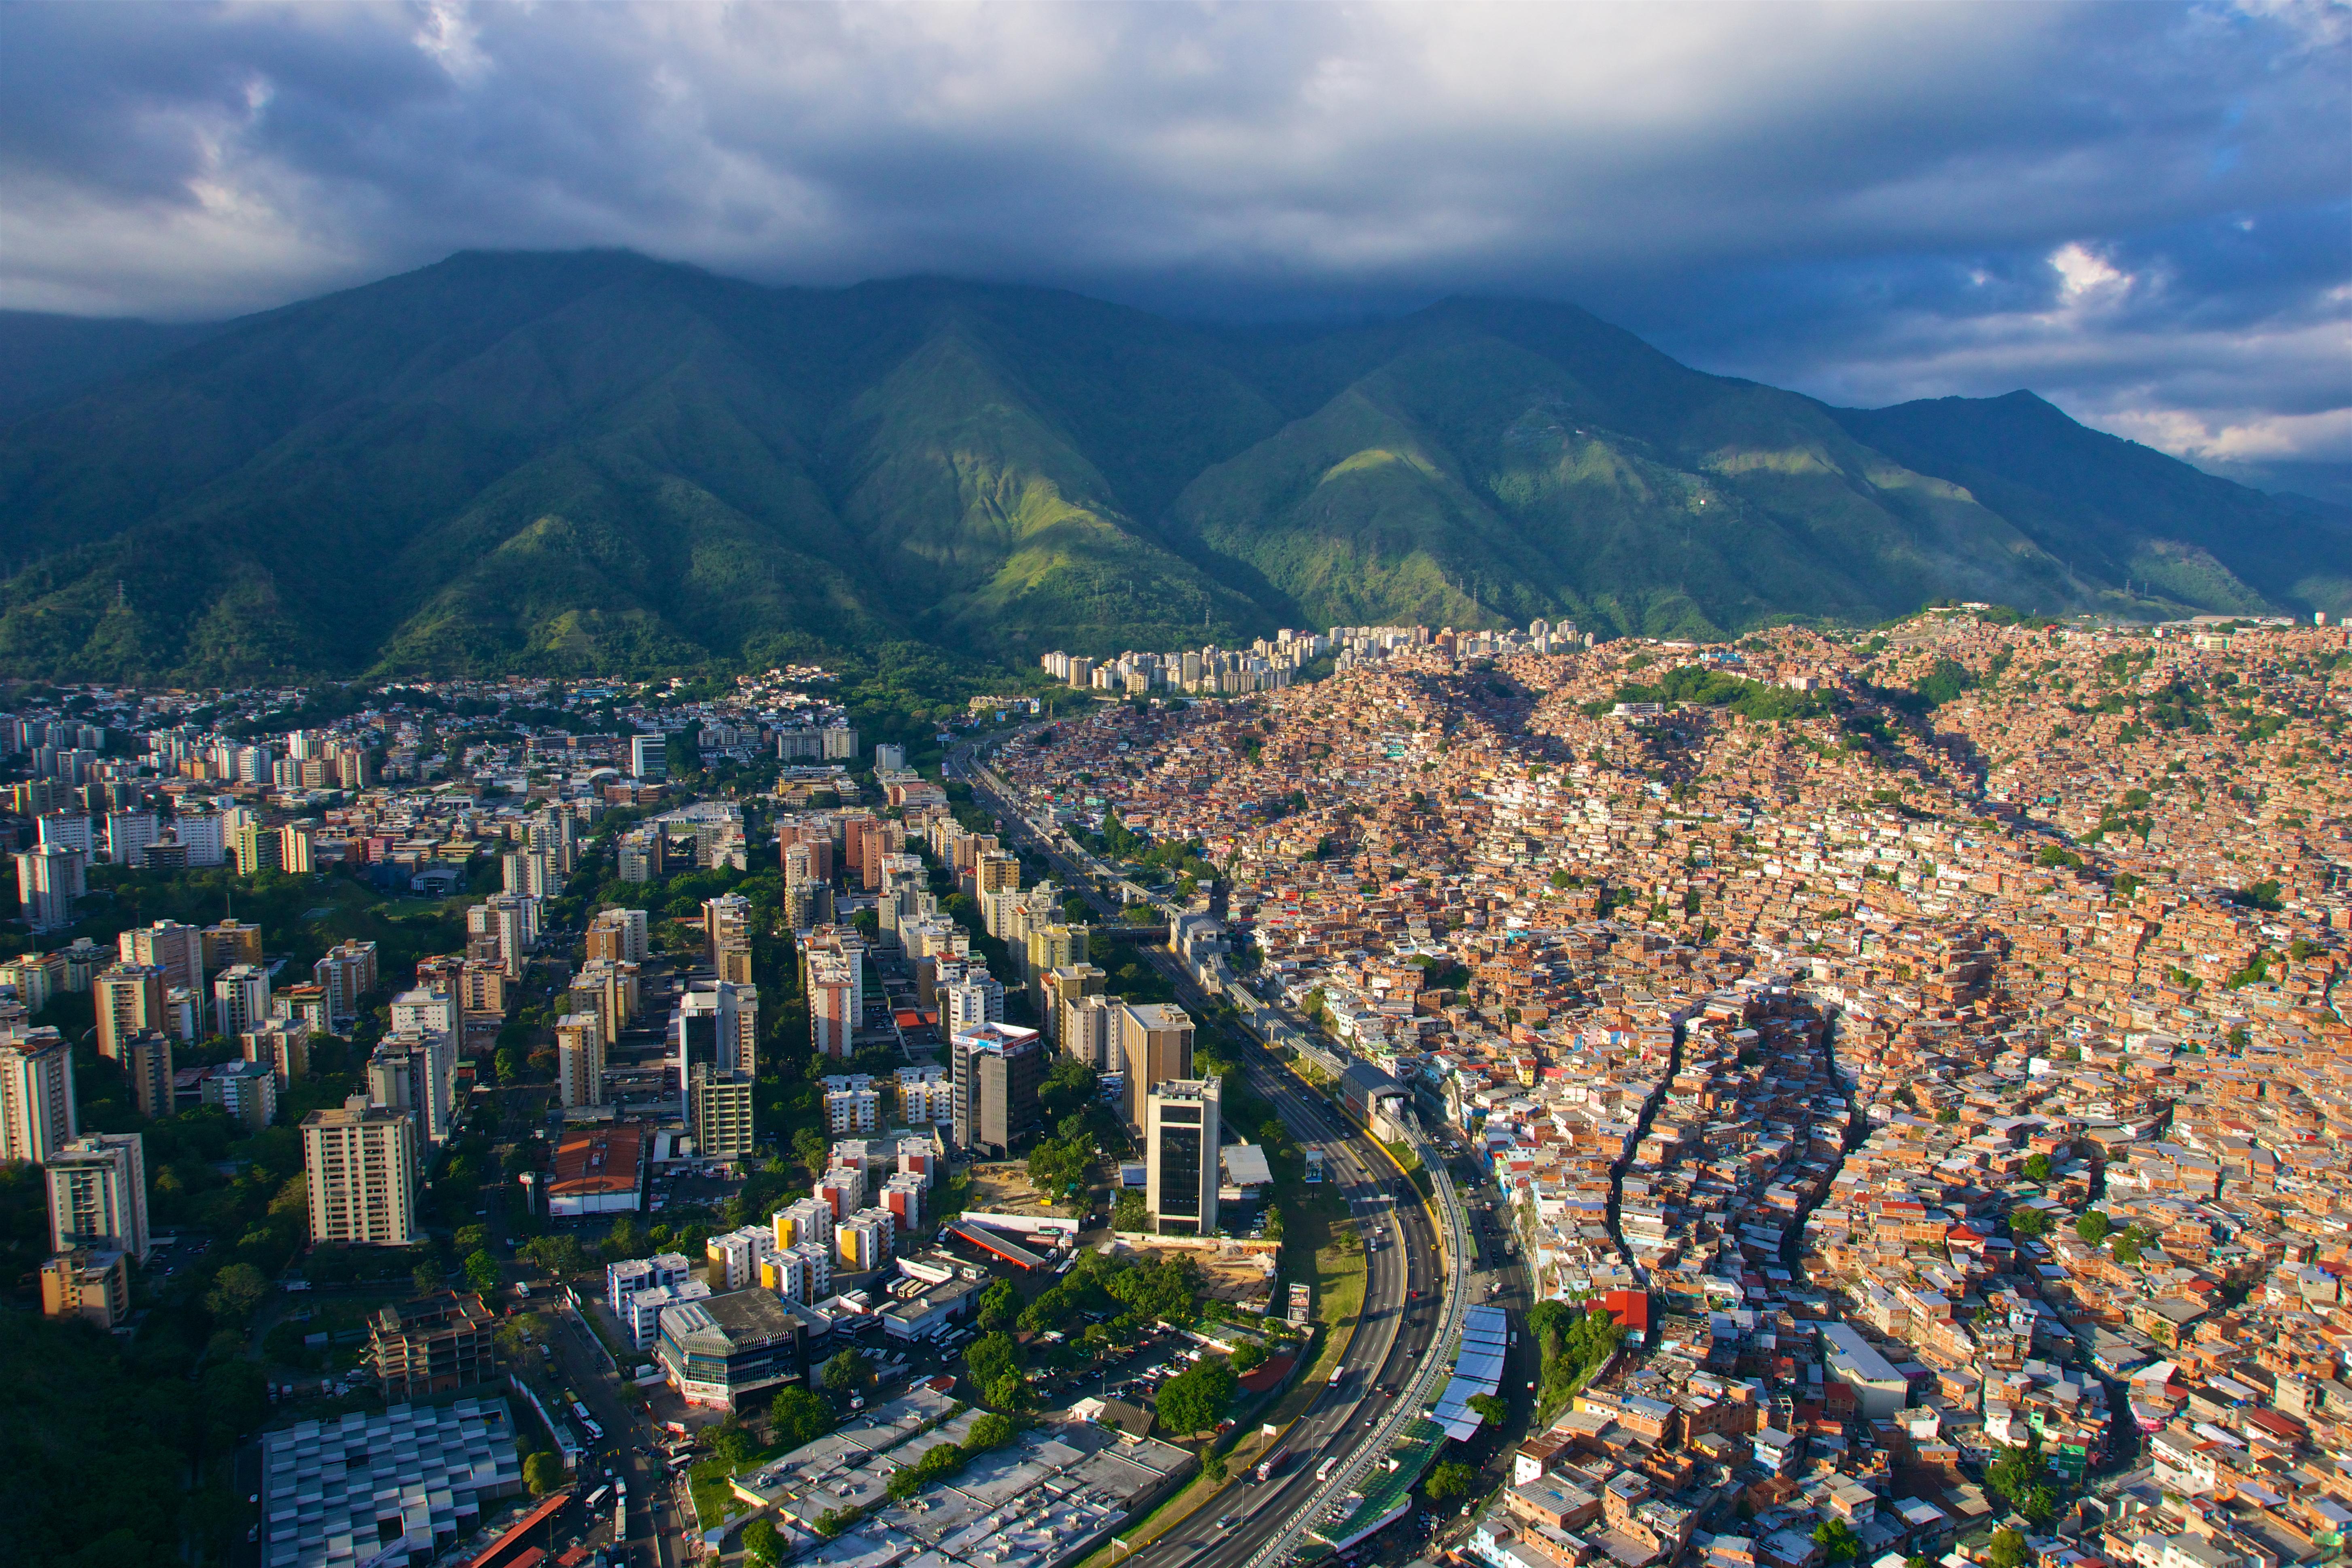 Каракас, столица Венесуэлы, ВНЖ которой могут получить иностранцы